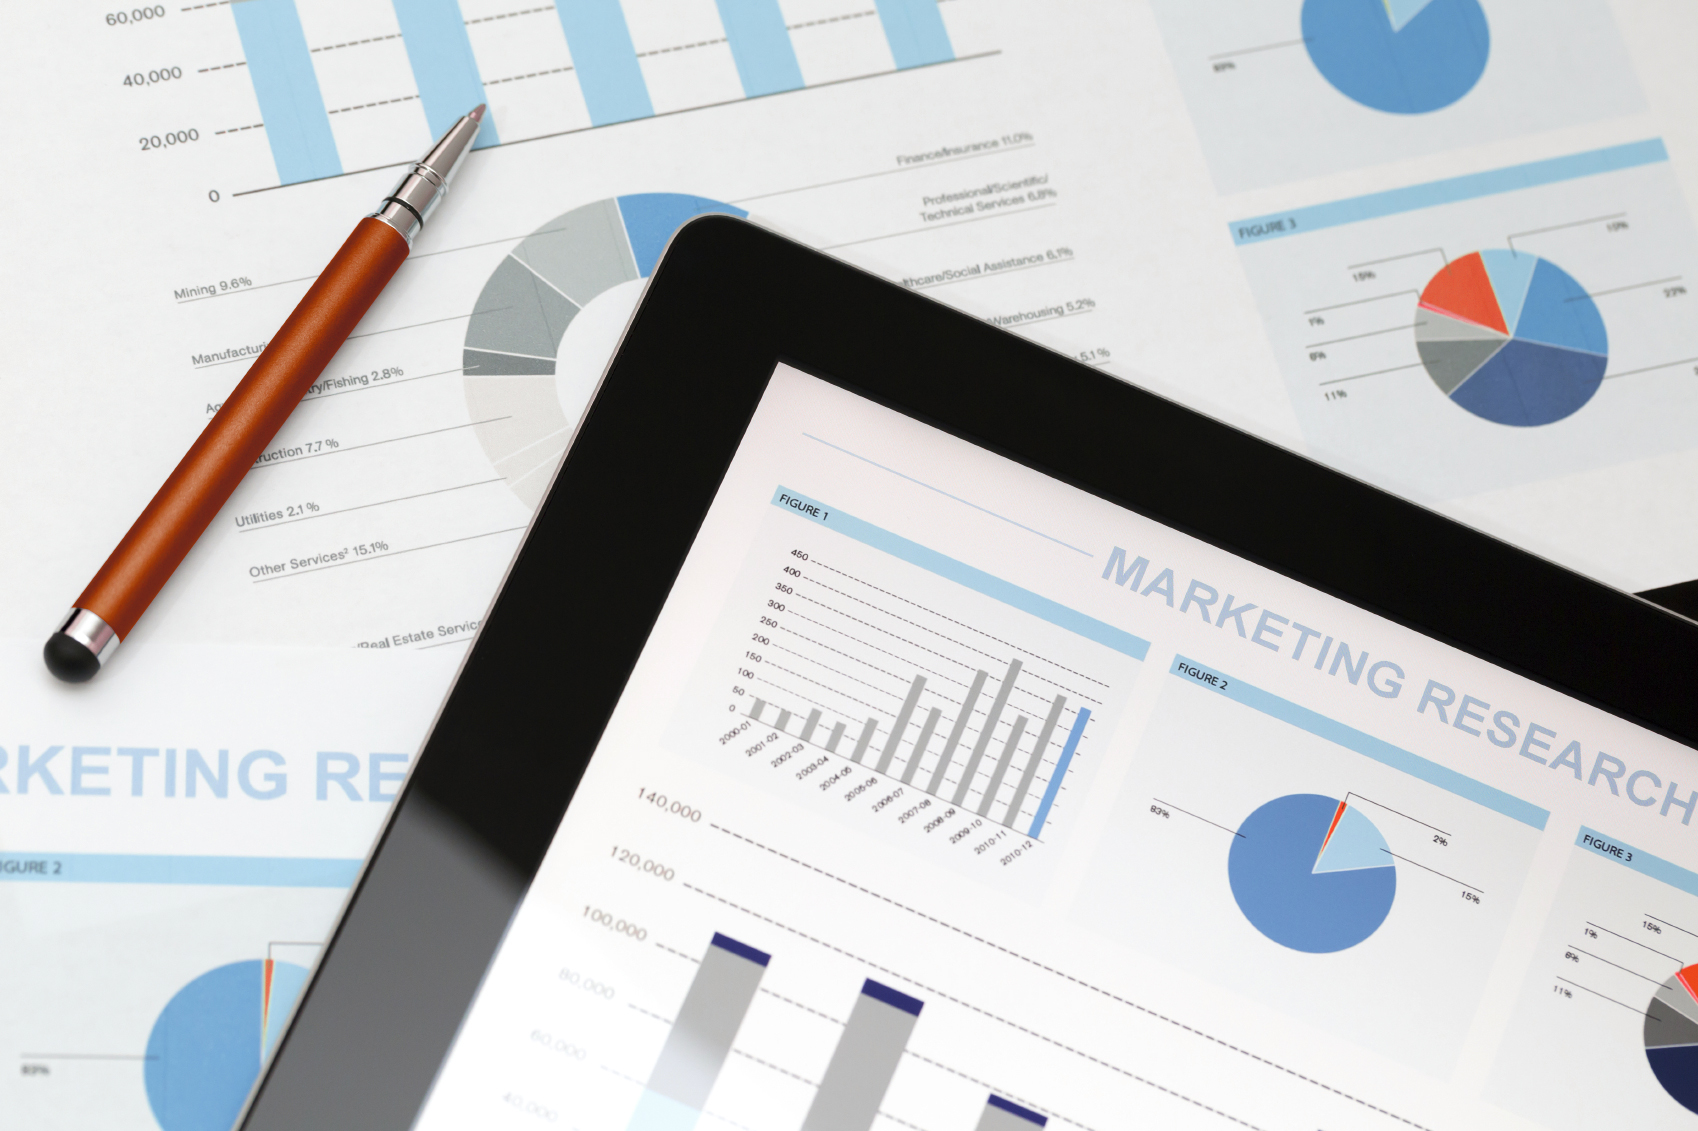 Viria utvidgar verksamheten med informationshantering genom att köpa en betydande andel i Aureolis Oy